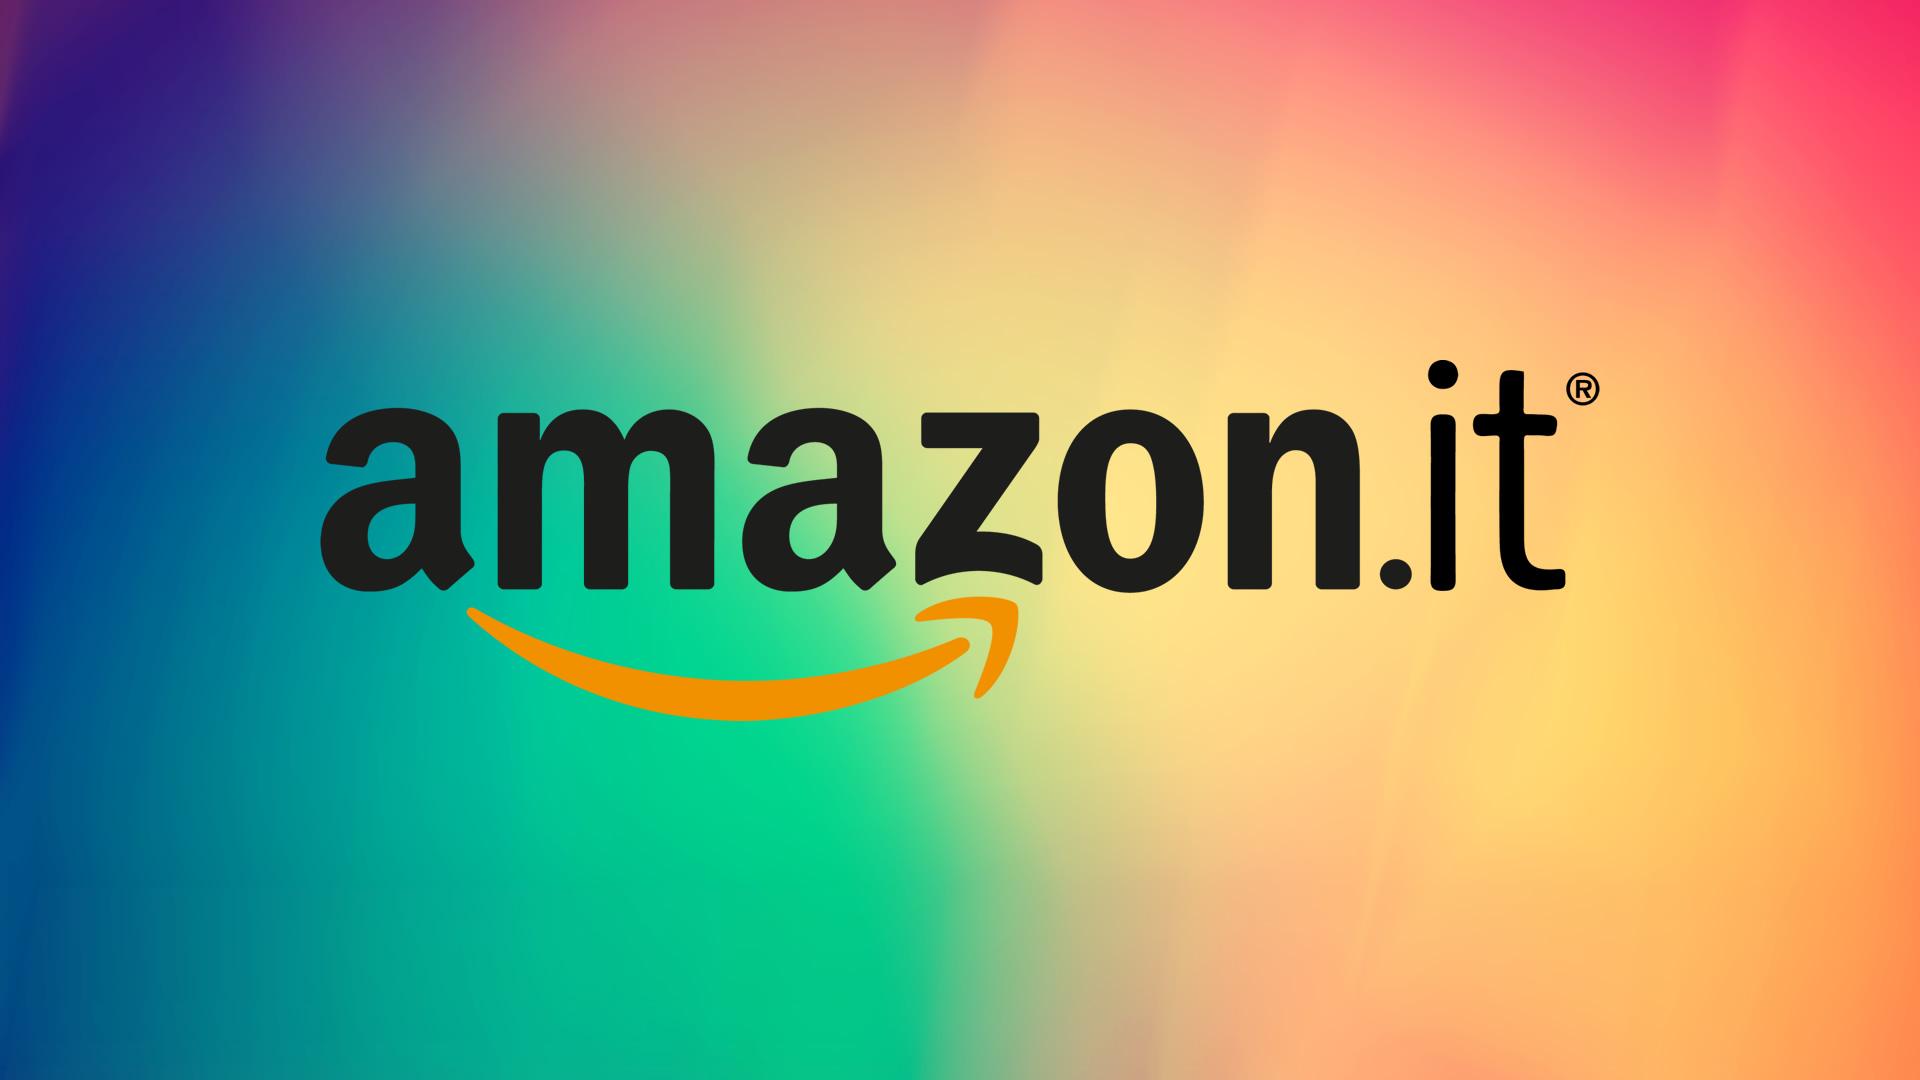 Amazon.it: le classifiche dei libri e dei dischi più venduti del 2017 thumbnail